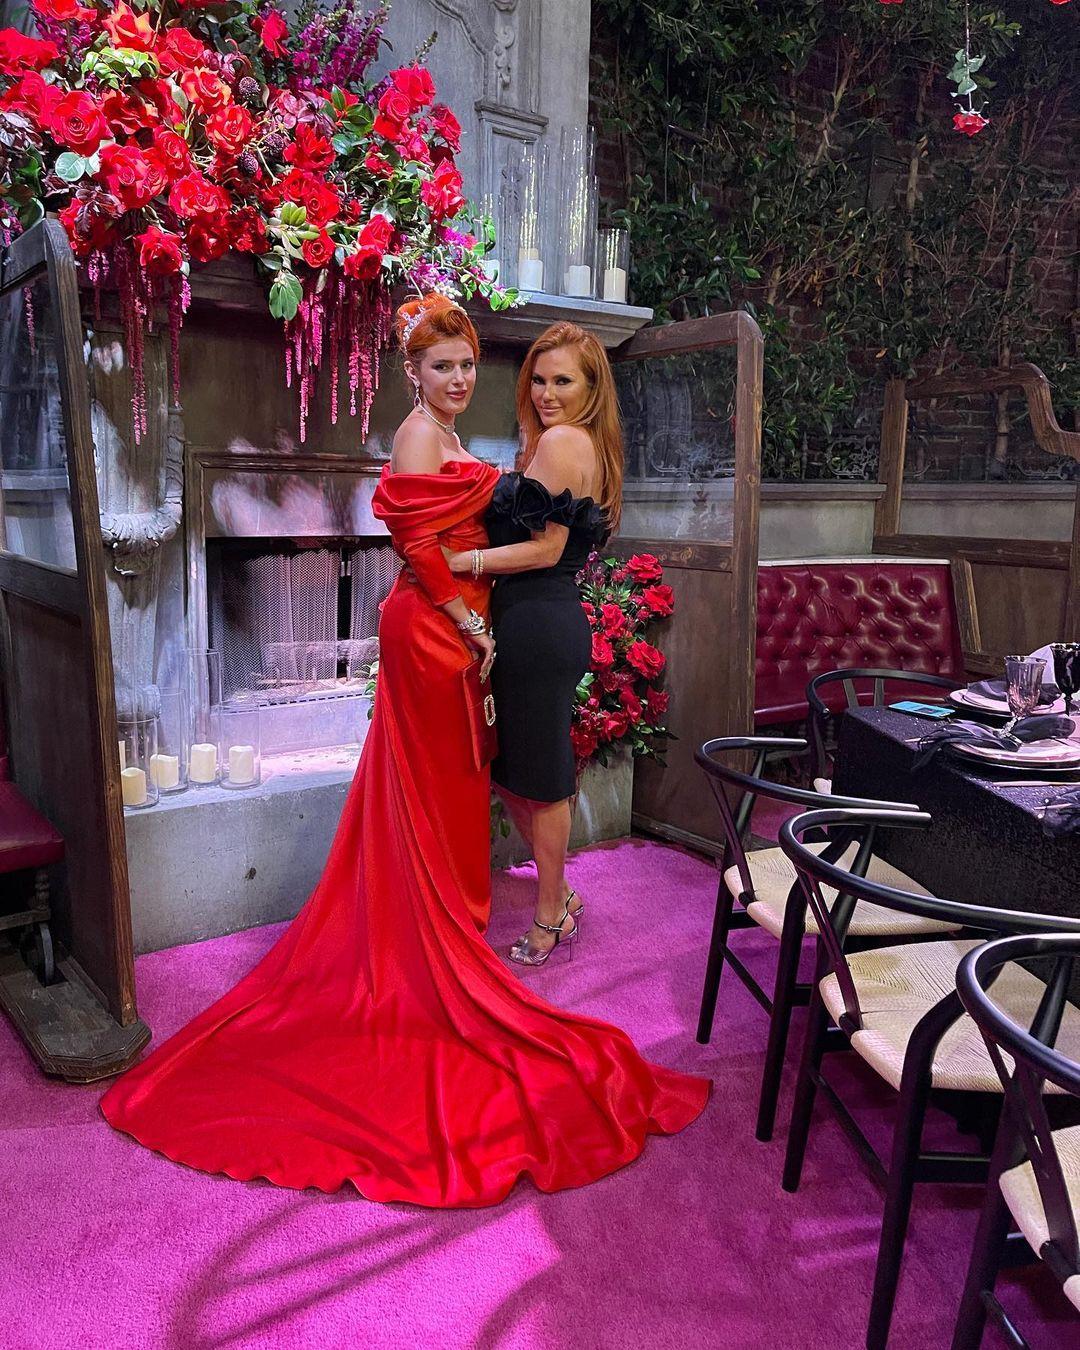 С голливудским размахом: Белла Торн отметила помолвку с Бенджамином Масколо